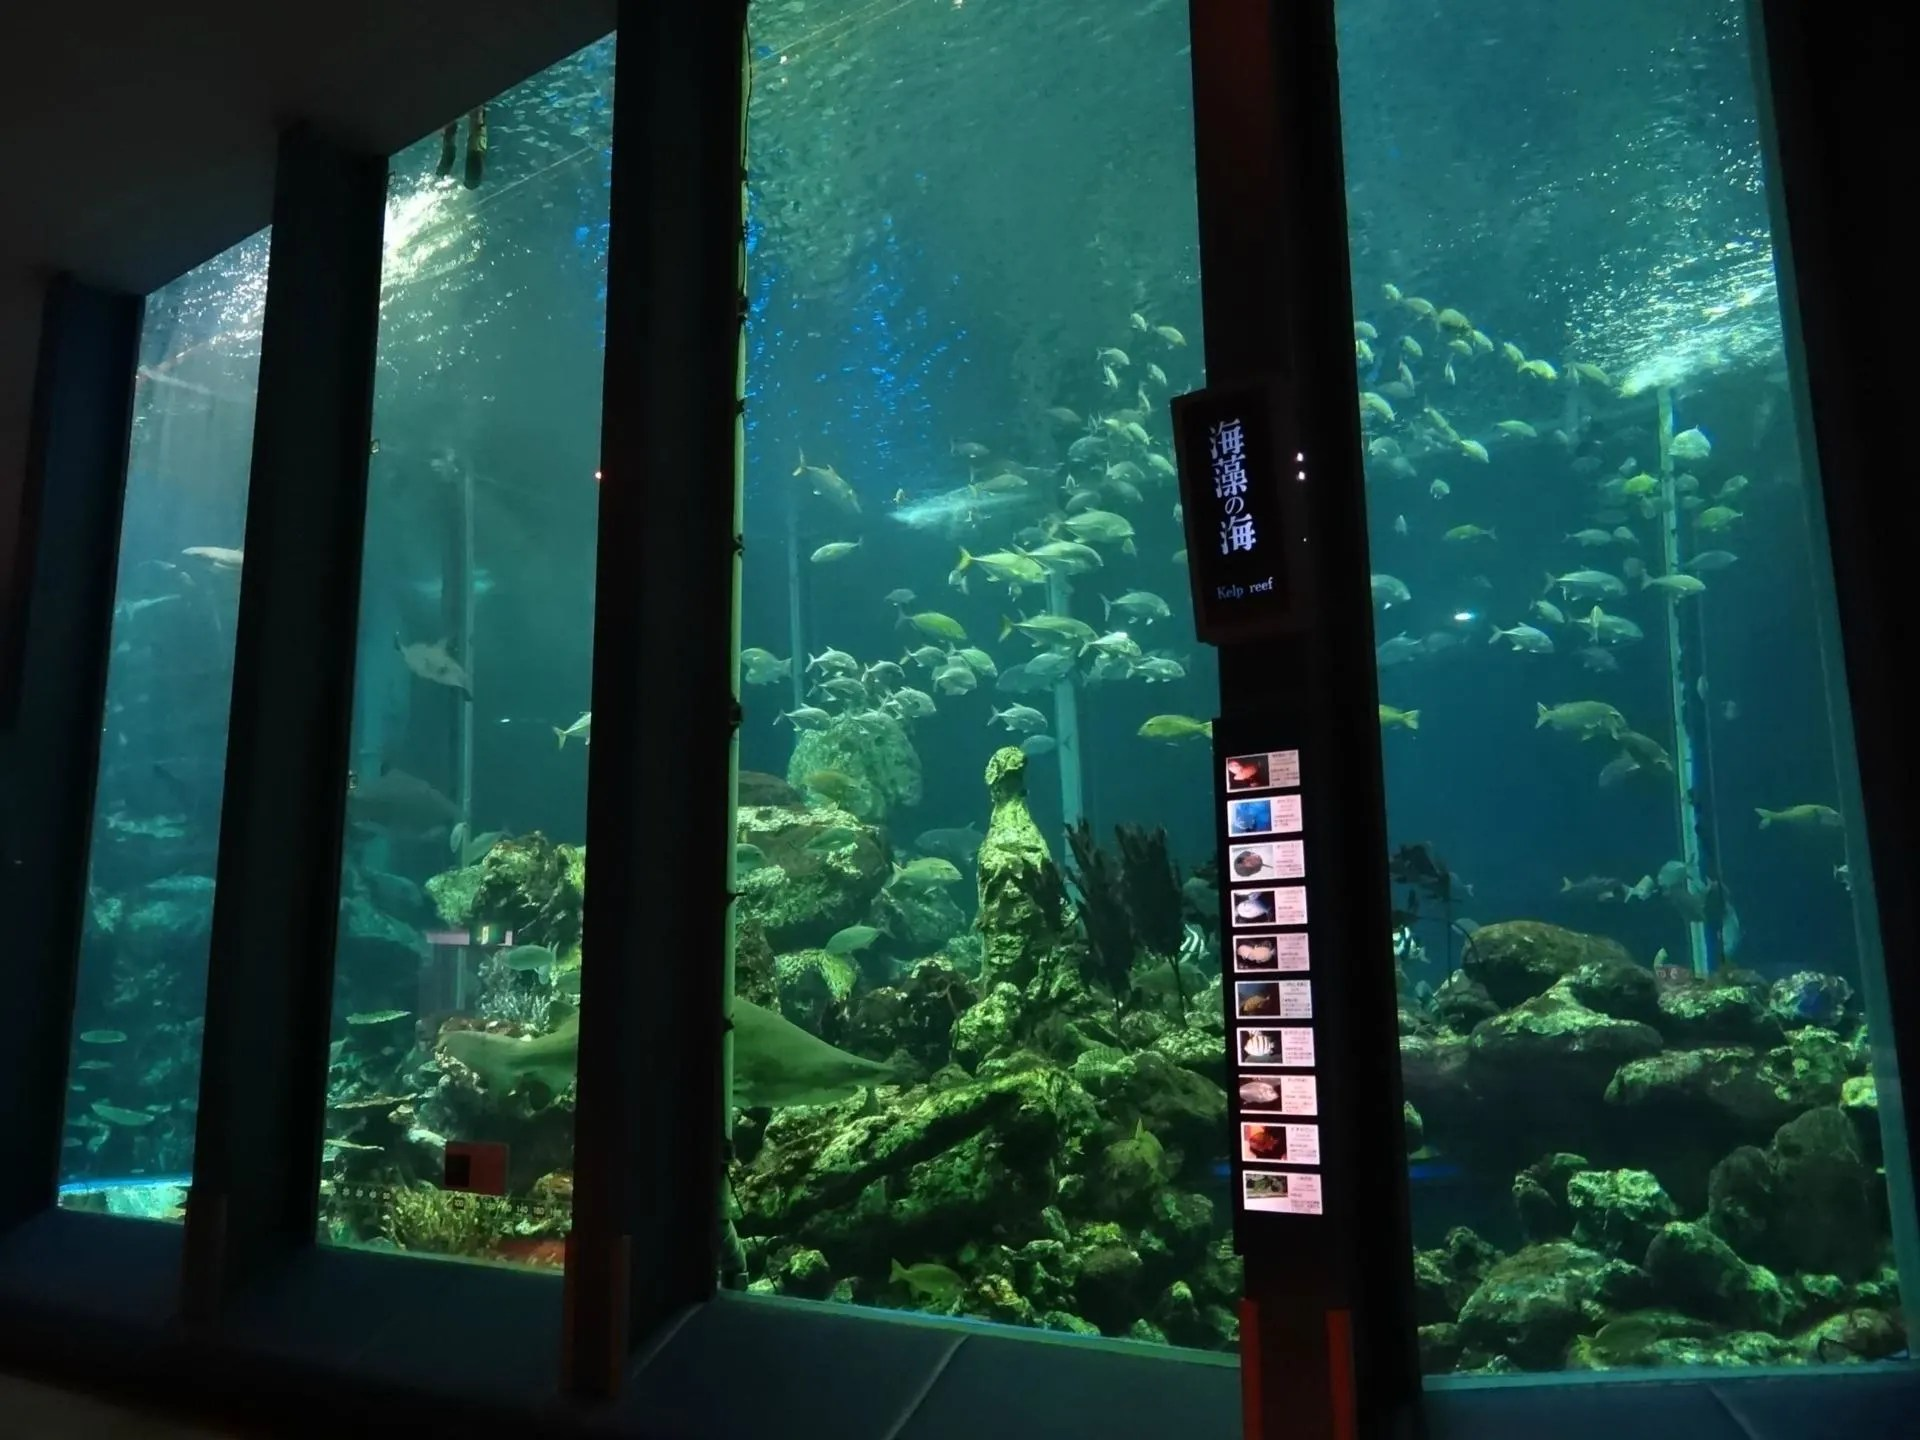 東海大學海洋科學博物館~水族館も博物館です! | 水族館とか動物園を巡って